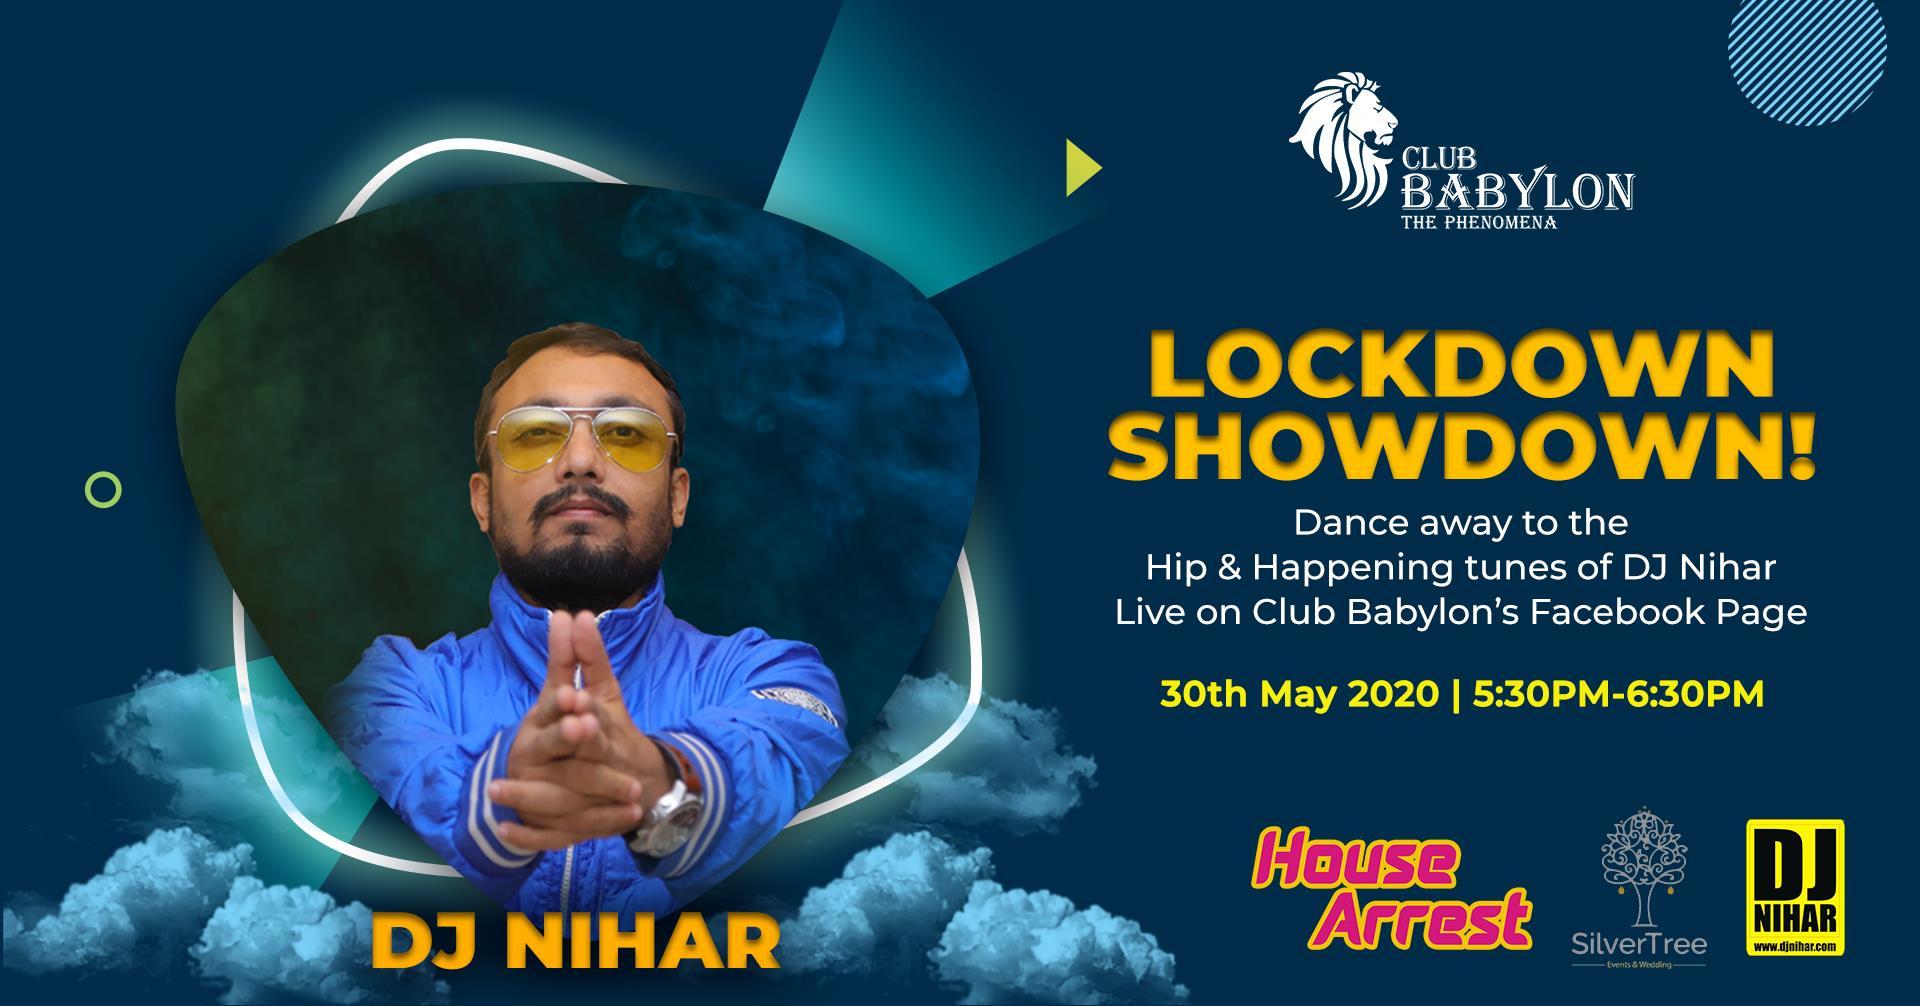 Lockdown showdown with DJ Niha ...